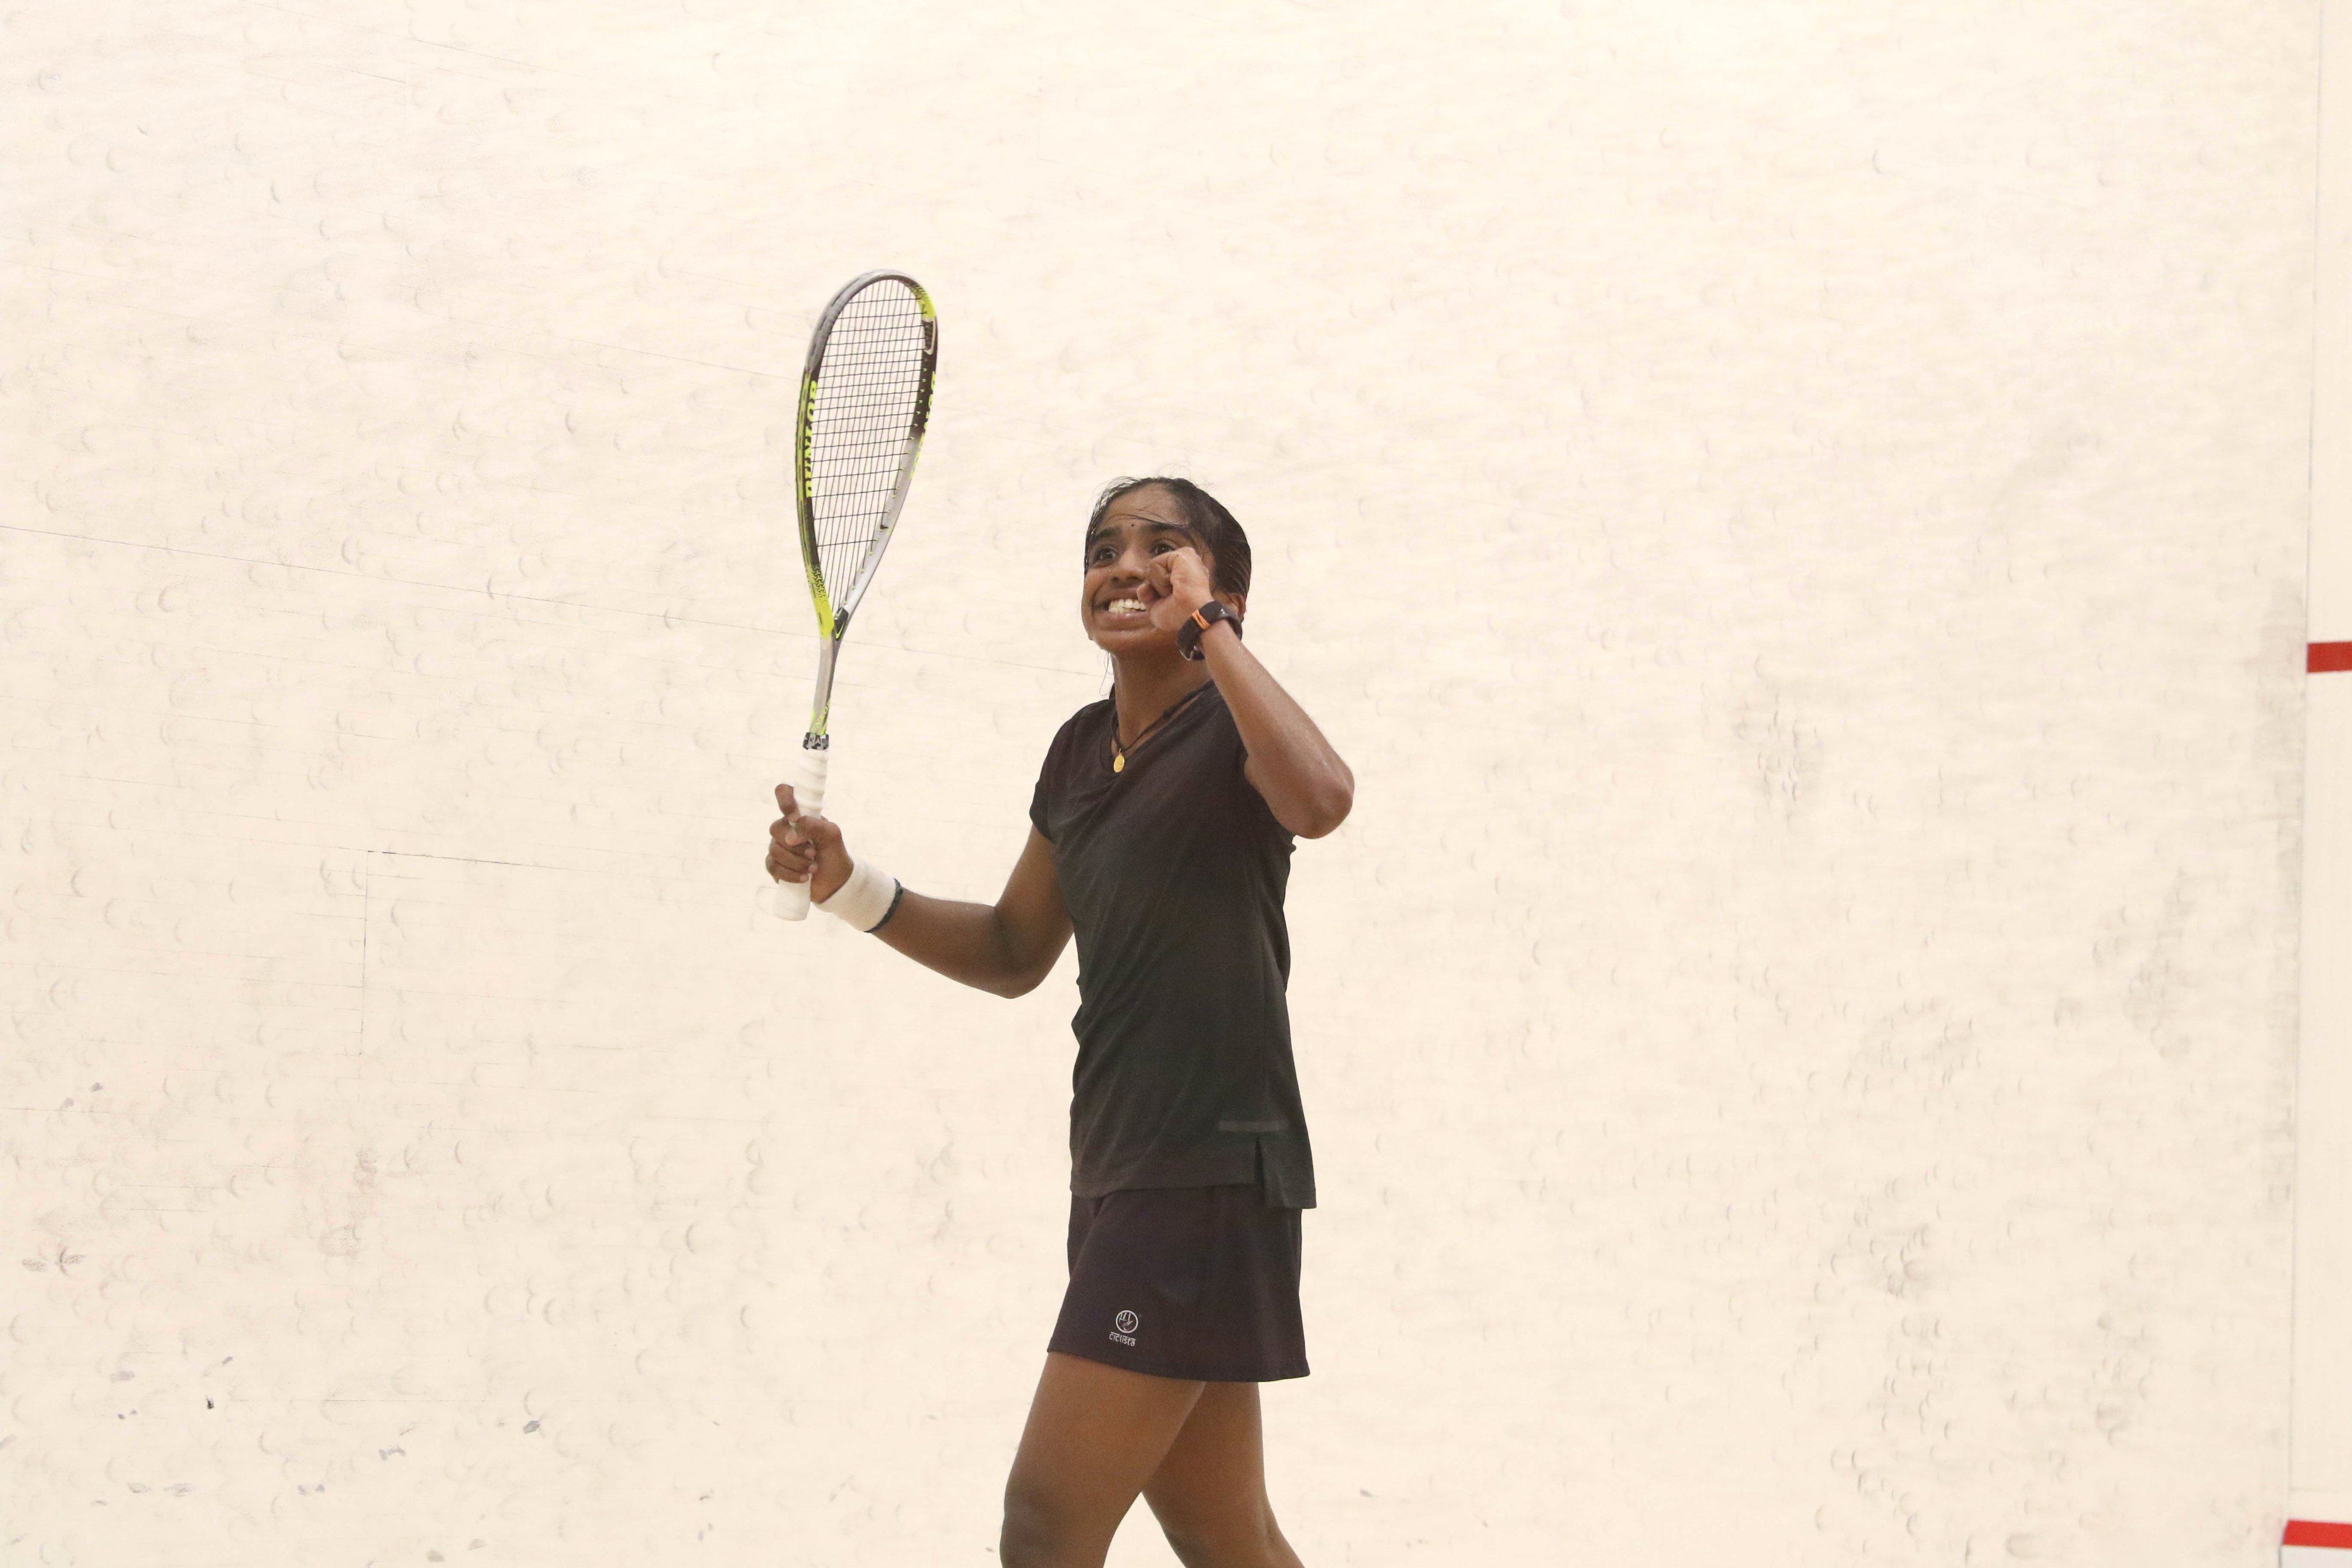 Sangari shocks Waters at US Open